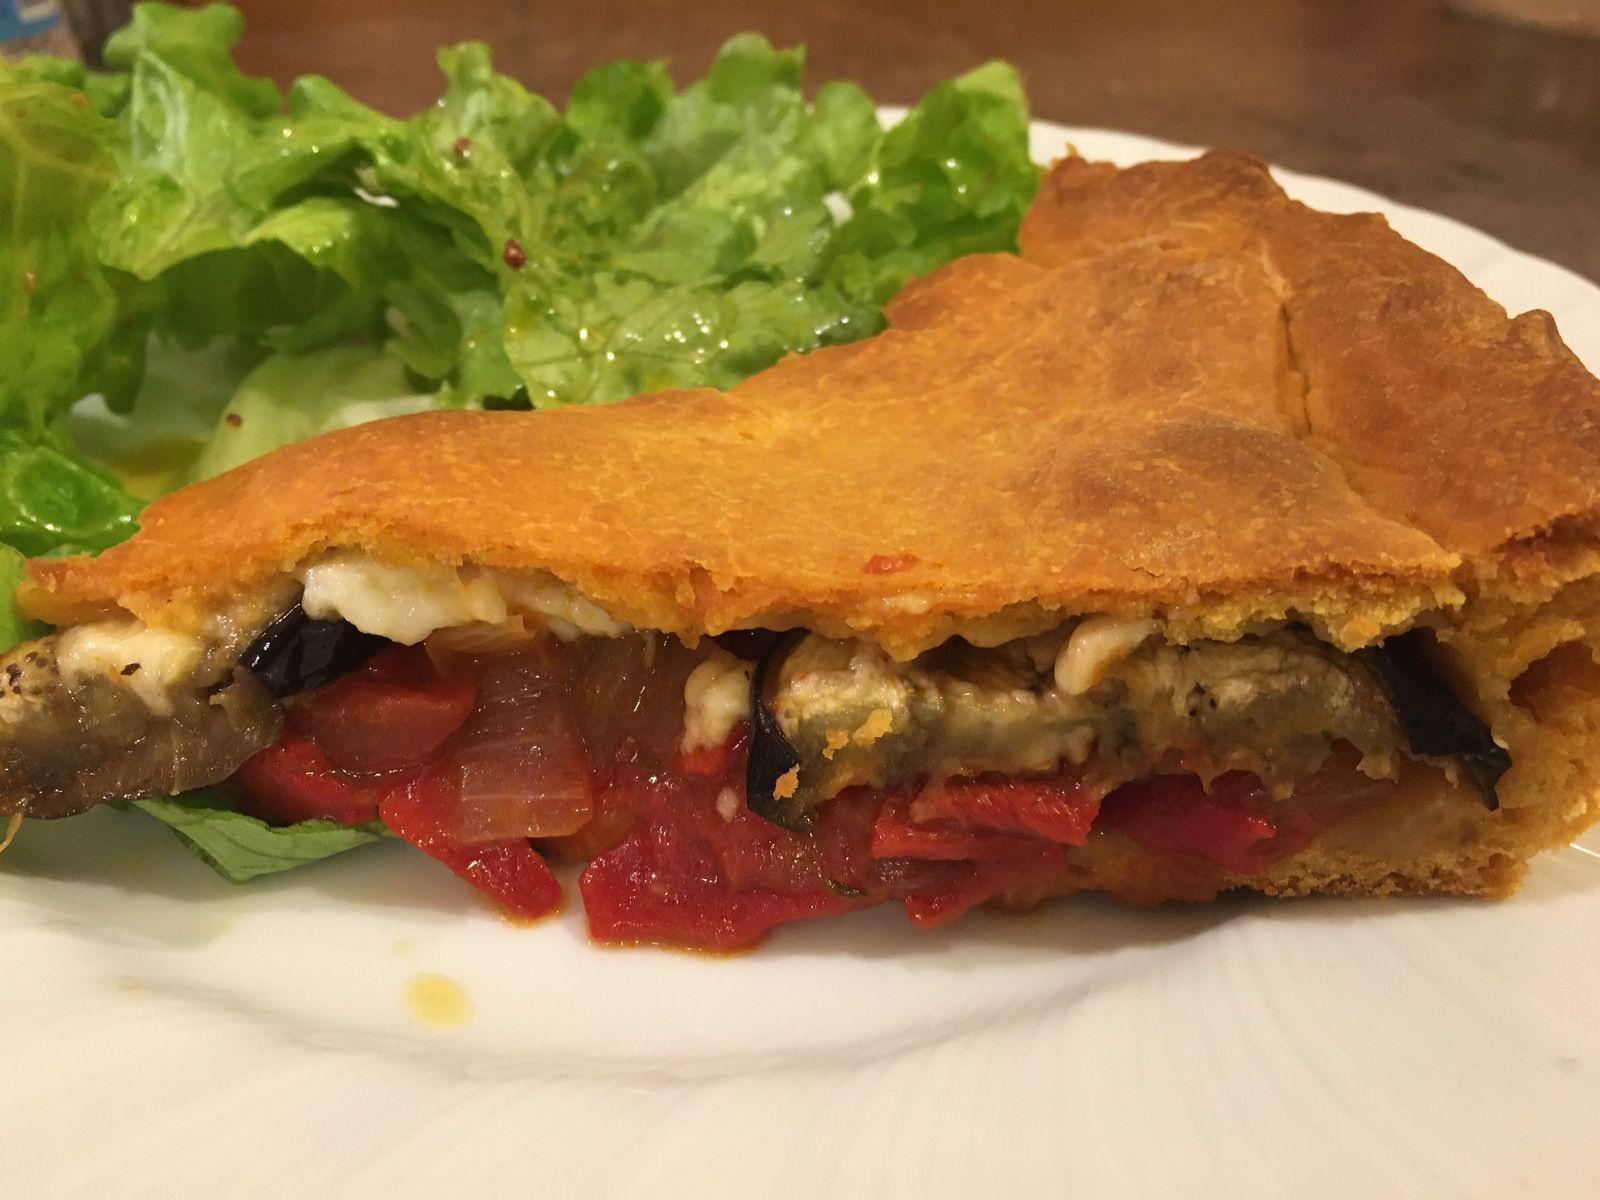 Tielle sétoise veggie: aubergines, poivrons, tomates, oignon doux et parmesan